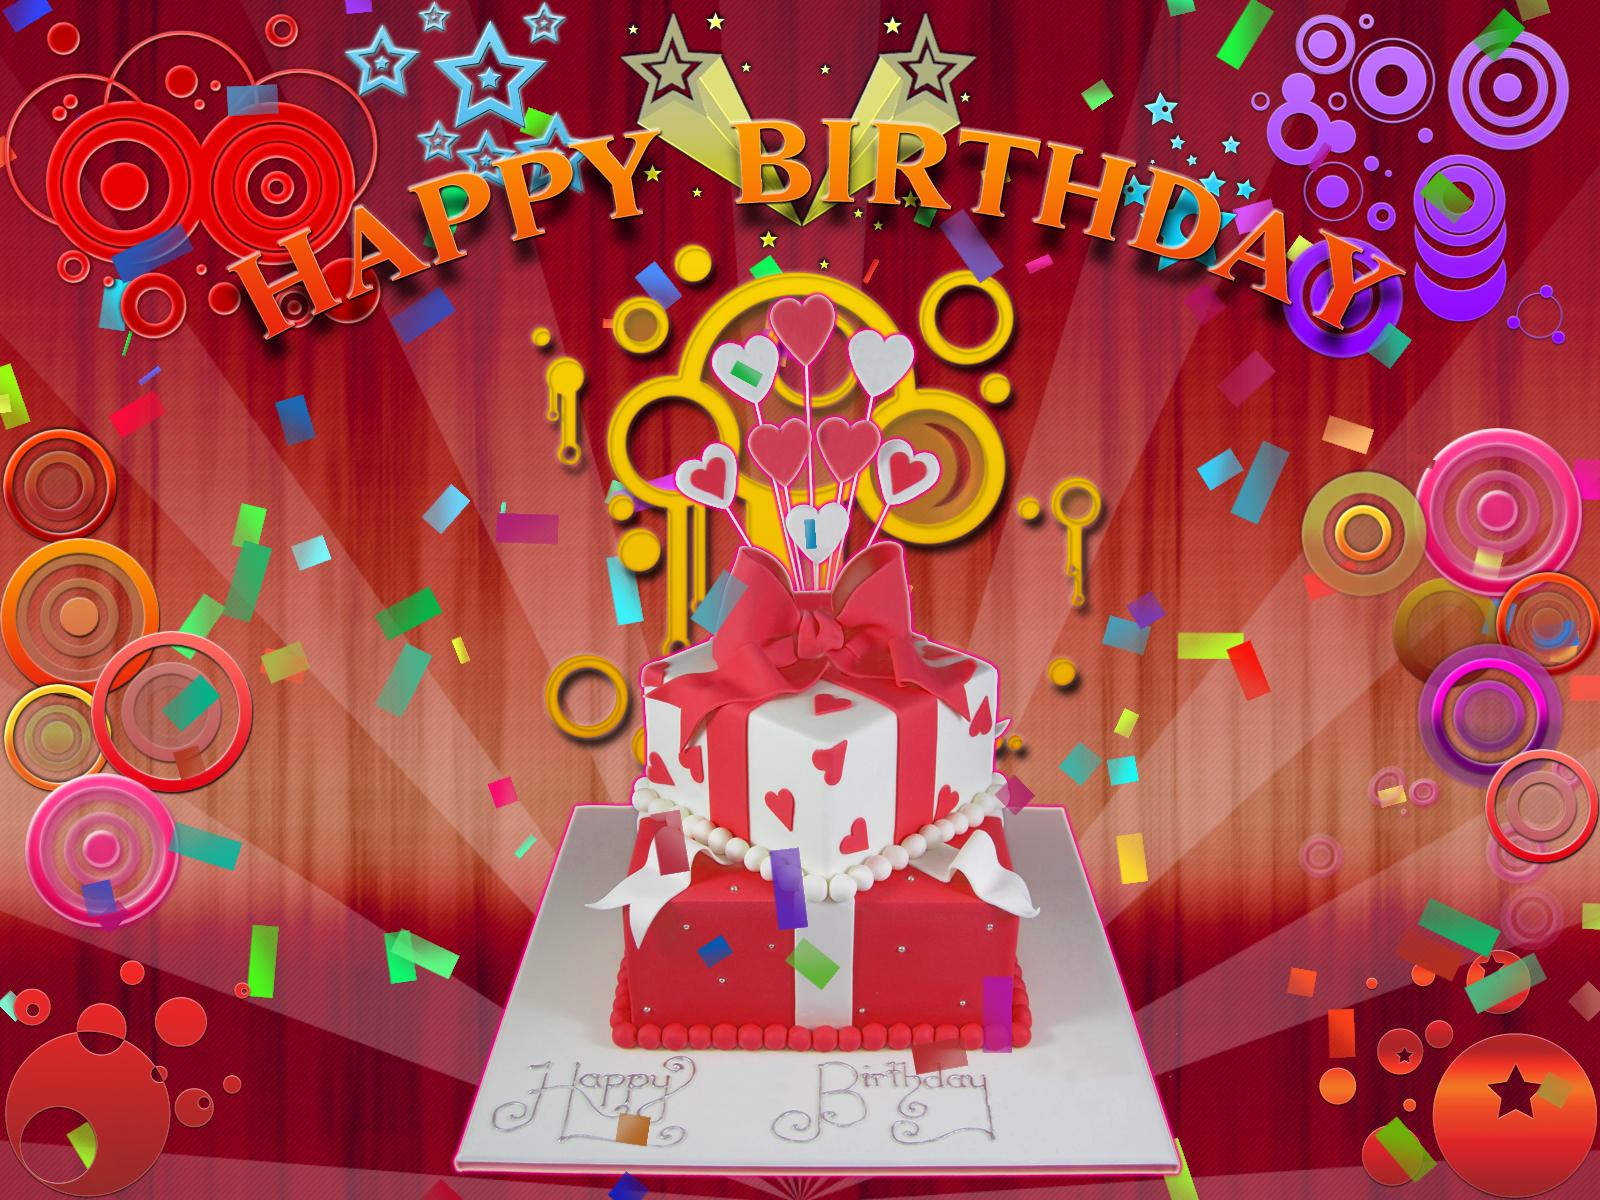 Картинка с казахским поздравлением на день рождения, юбилеем